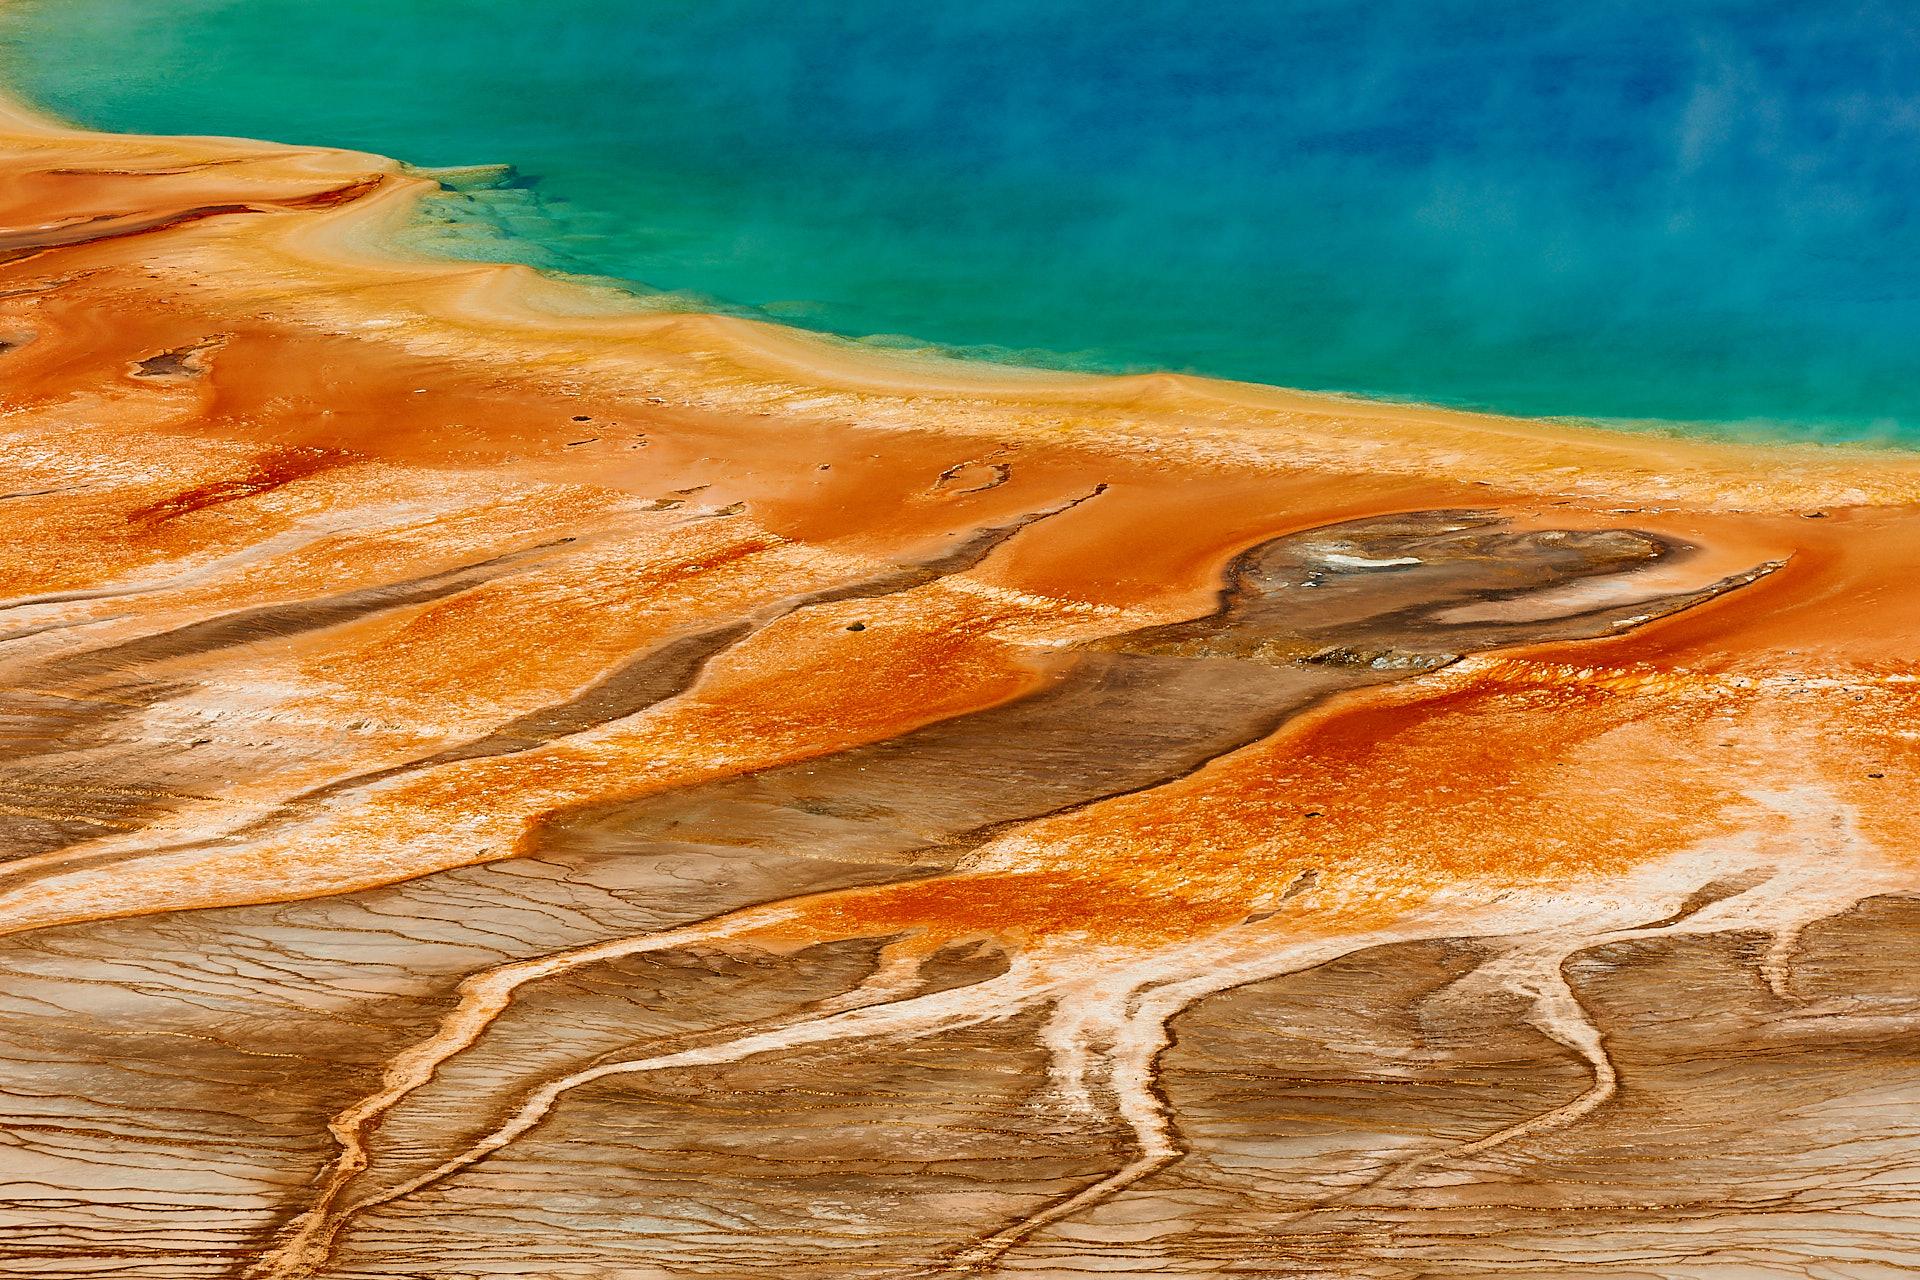 Dieses Naturfoto zeigt das unvergessliche Frabenspiel der Grand Prismatic Spring im Yellowstone Nationalpark aus der Luft.Kamera: NIKON D3X Brennweite: 200mm 1/250 s bei Blende f/9.0